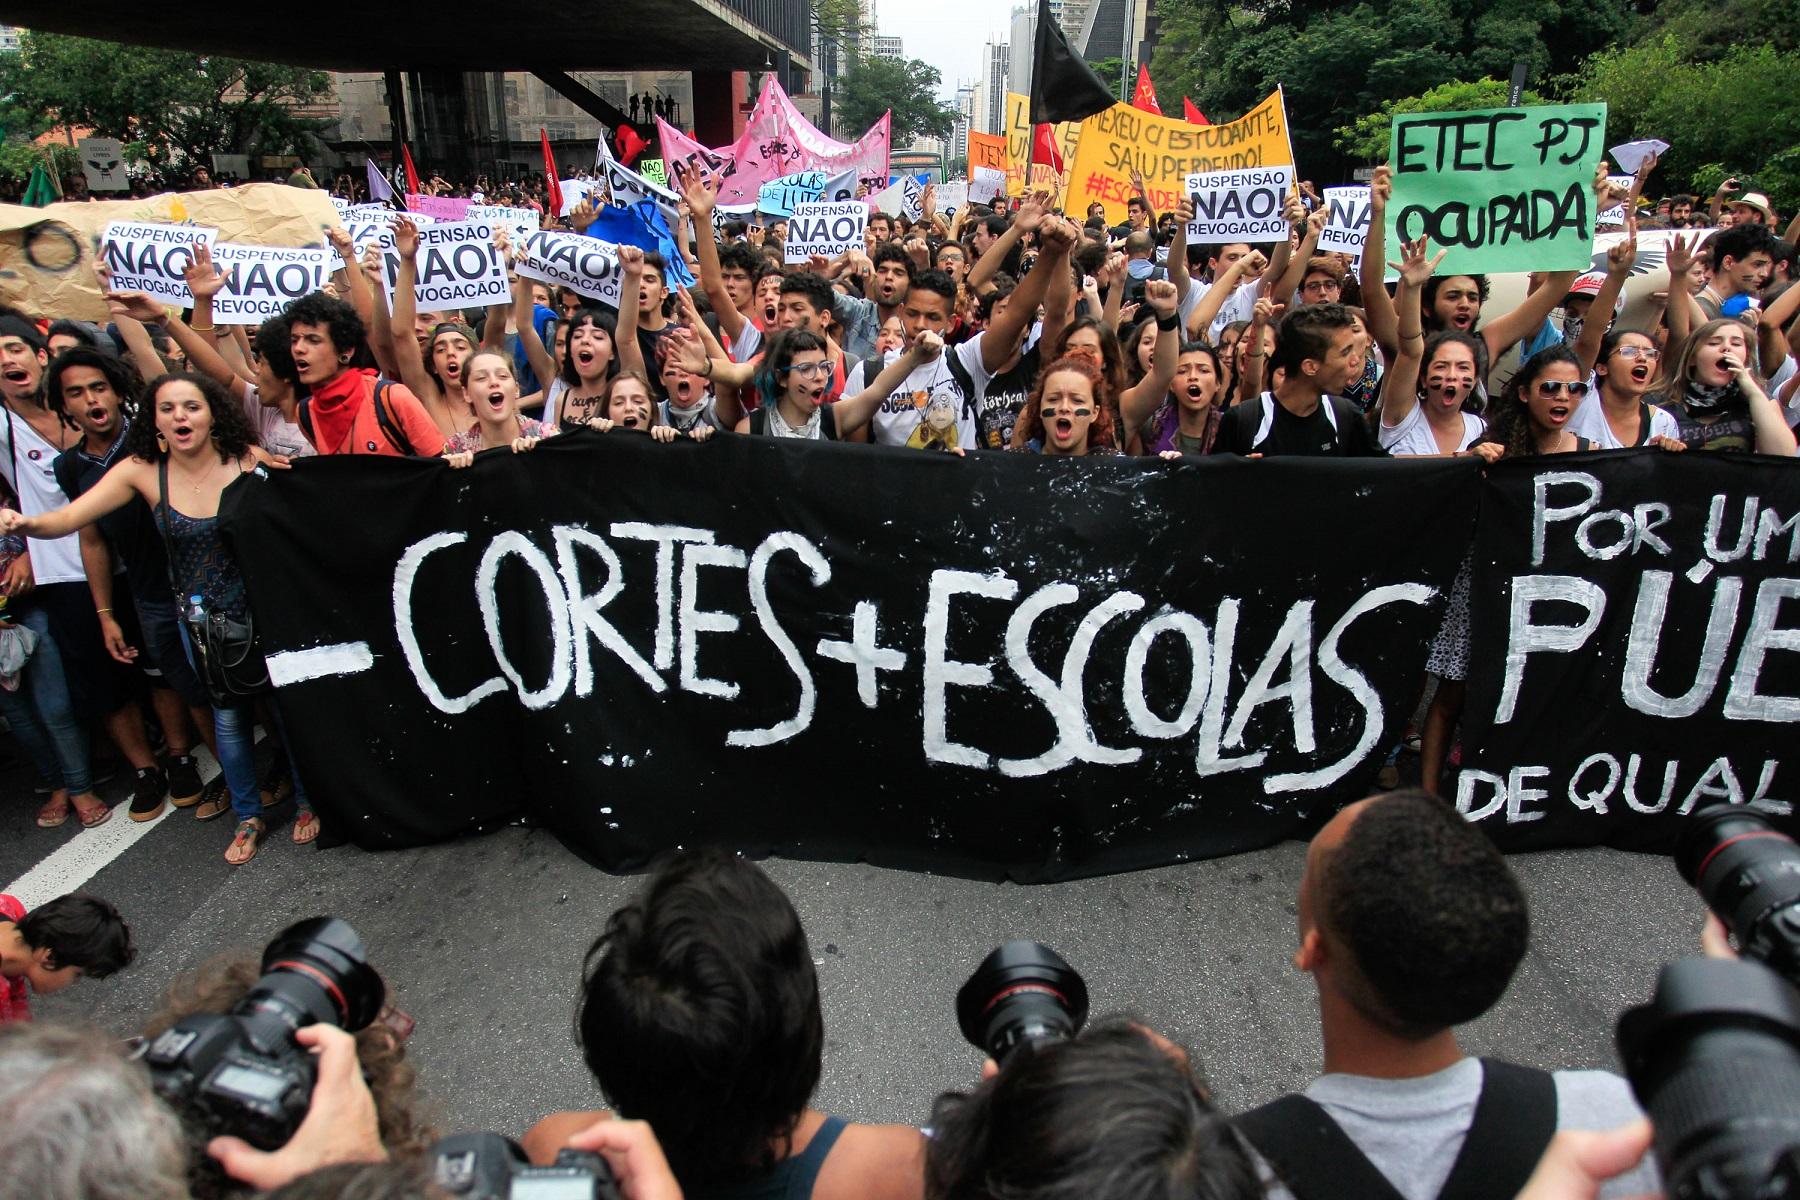 Protesto de estudantes em São Paulo contra o corte de verbas para a educação. Foto de Douglas Pingturo/Brazil Photo Press